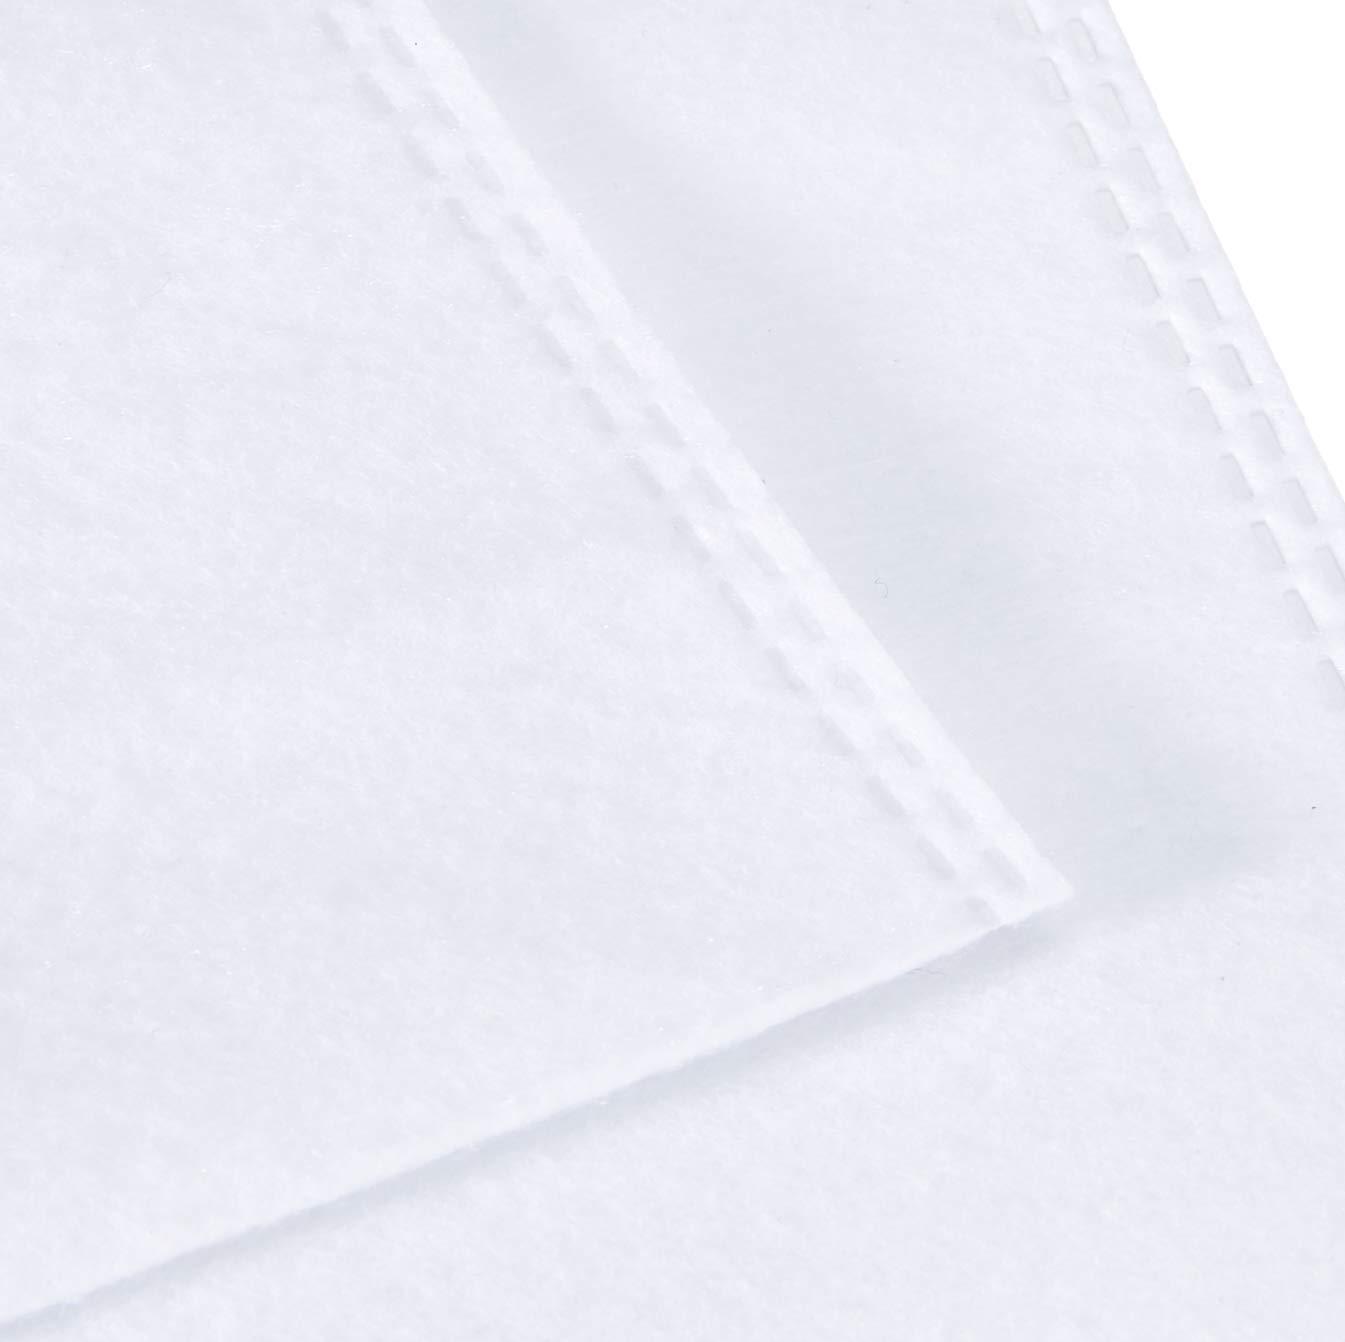 Kosmetik uvm. wie Pflegedienste saugf/ähig /& sanft zur Haut Einwegwaschhandschuh Waschlappen ideal f/ür Hygienebereiche Einmalwaschlappen Molton Premium 1000 St/ück Wei/ß Soft Molton Vliesstoff